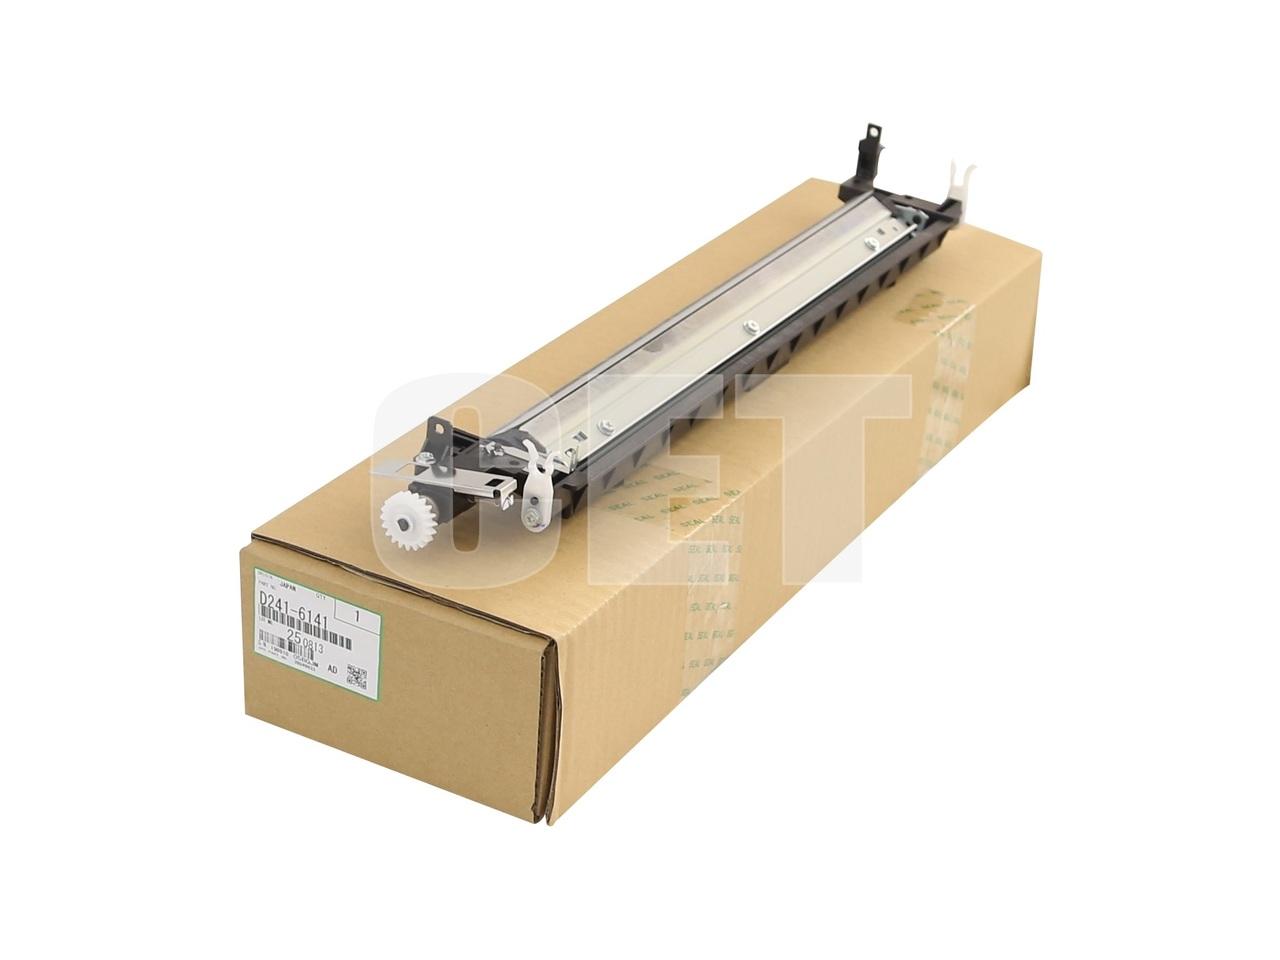 Блок очистки ленты переноса D2416141 для RICOHMPC2011SP/2504/3004/4504 (CET), CET321020